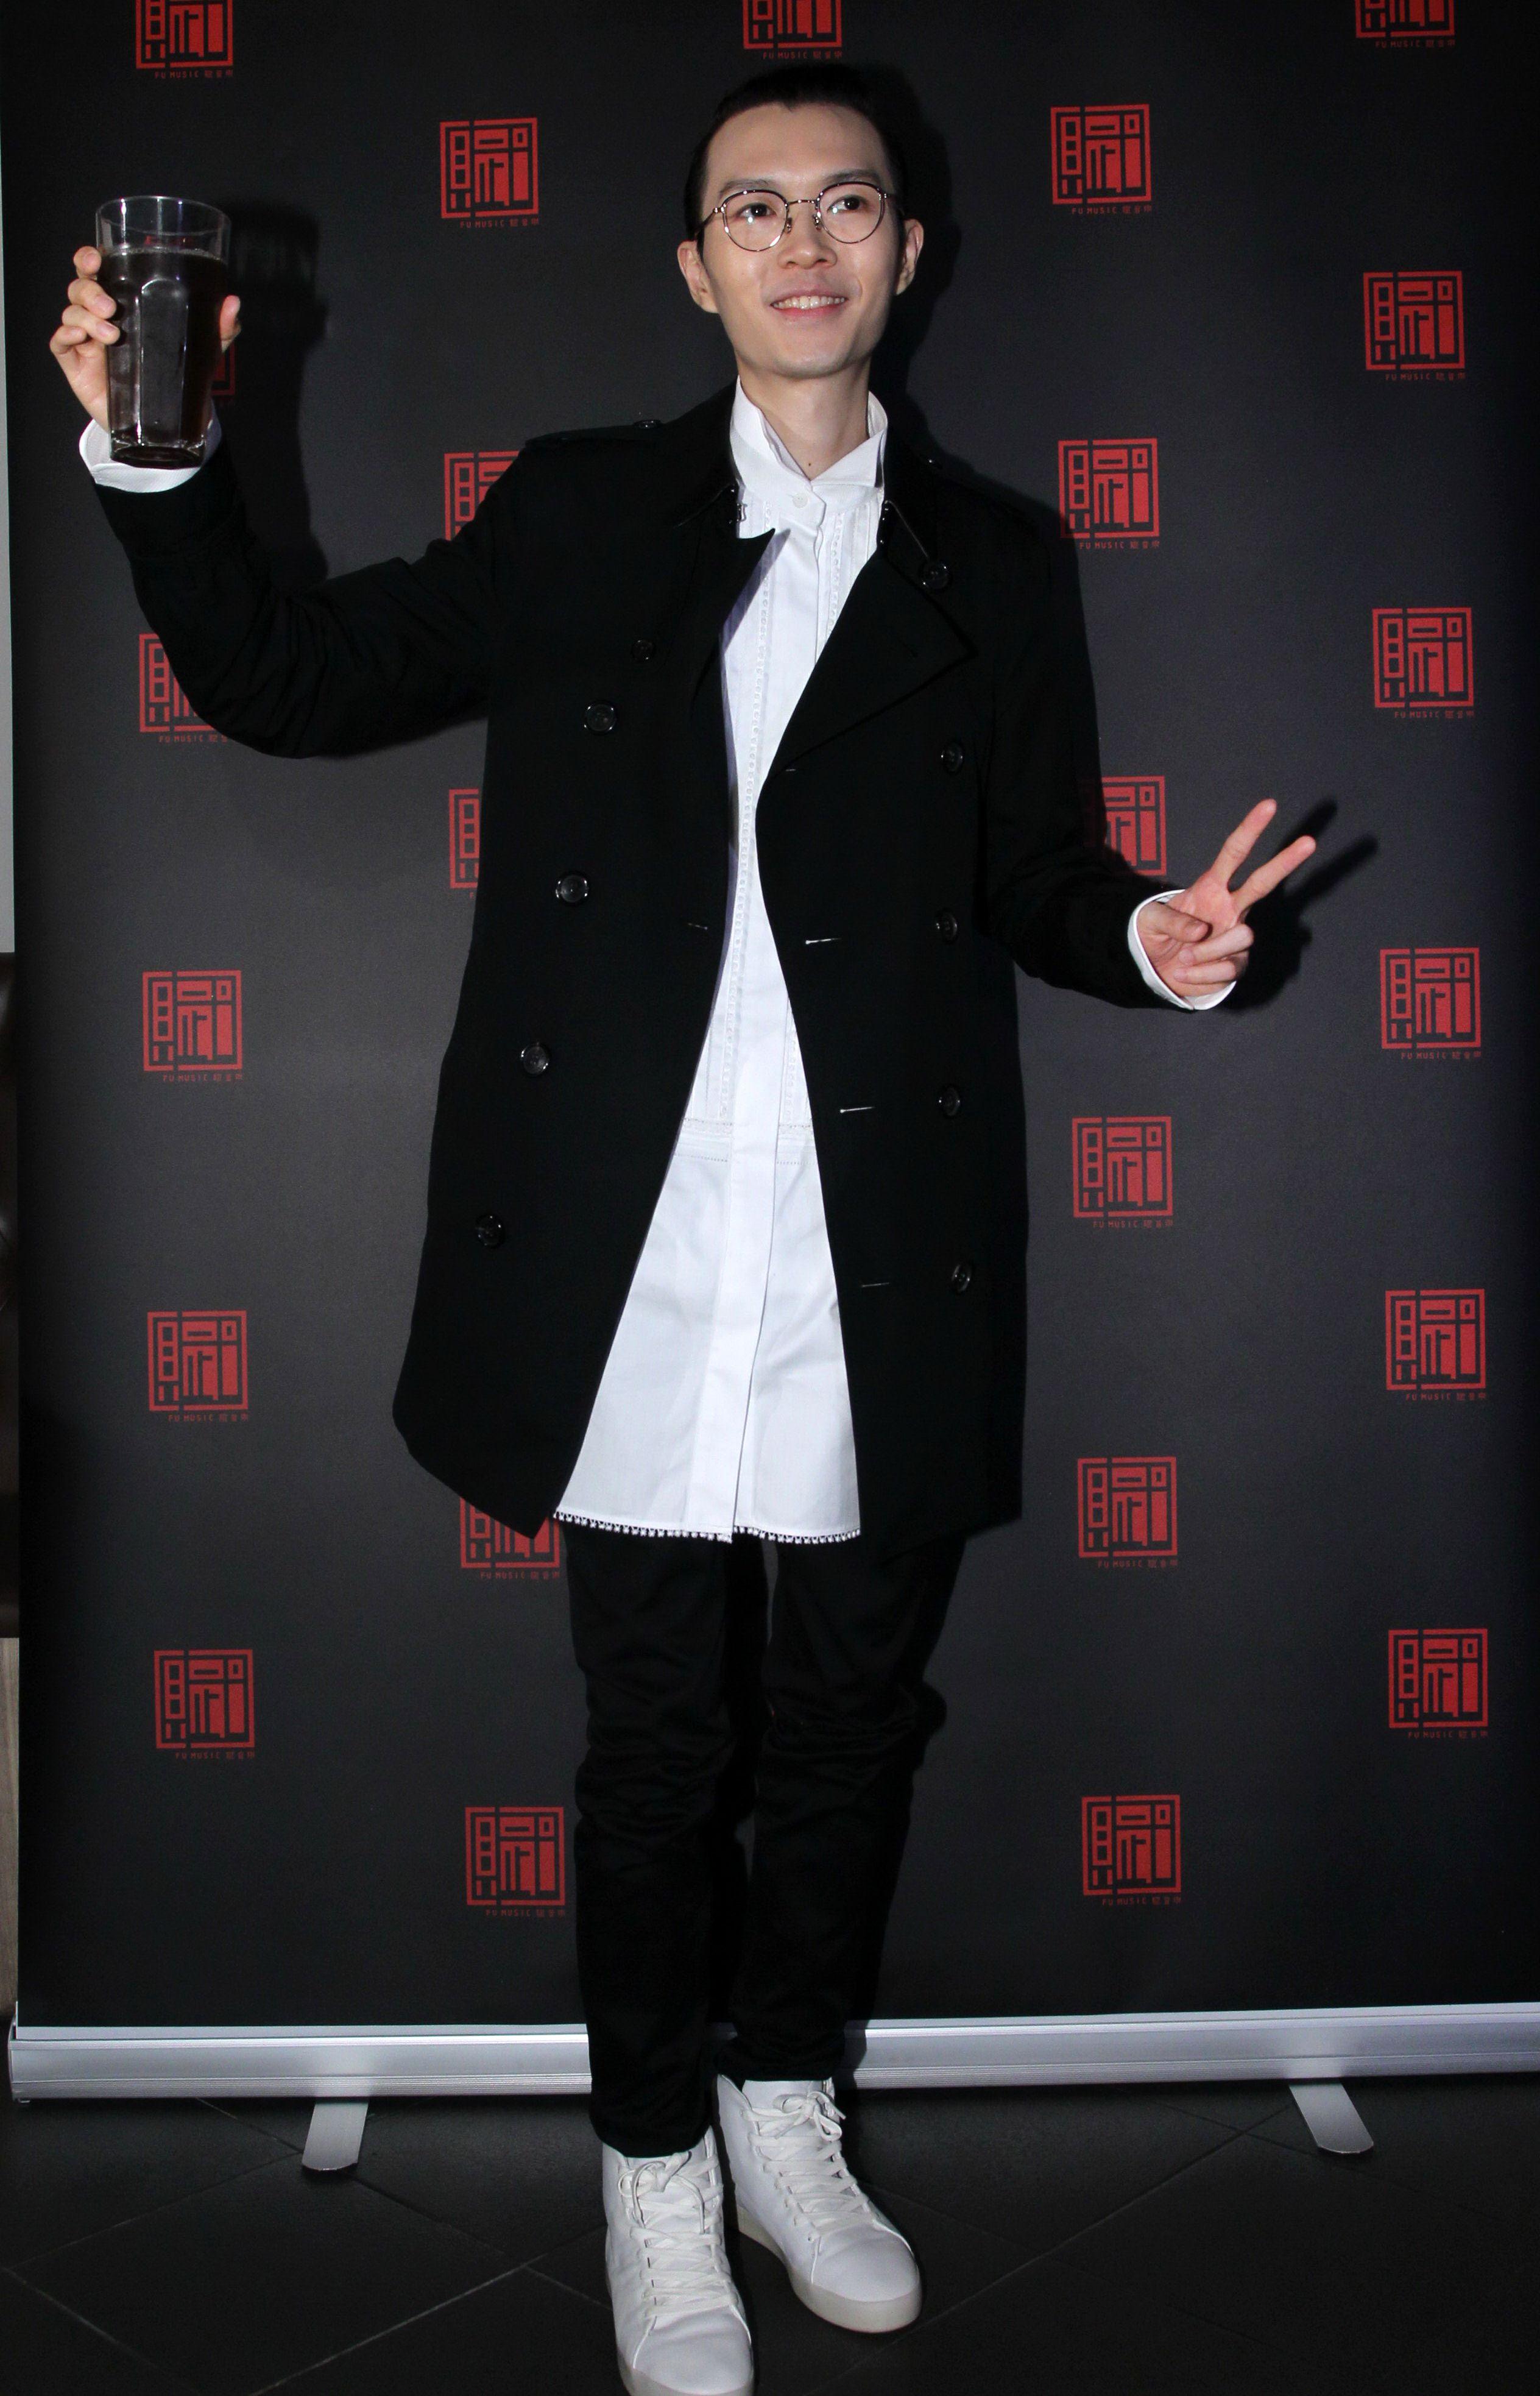 第28屆金曲獎最佳男歌手方大同慶功宴。(記者邱榮吉/攝影)